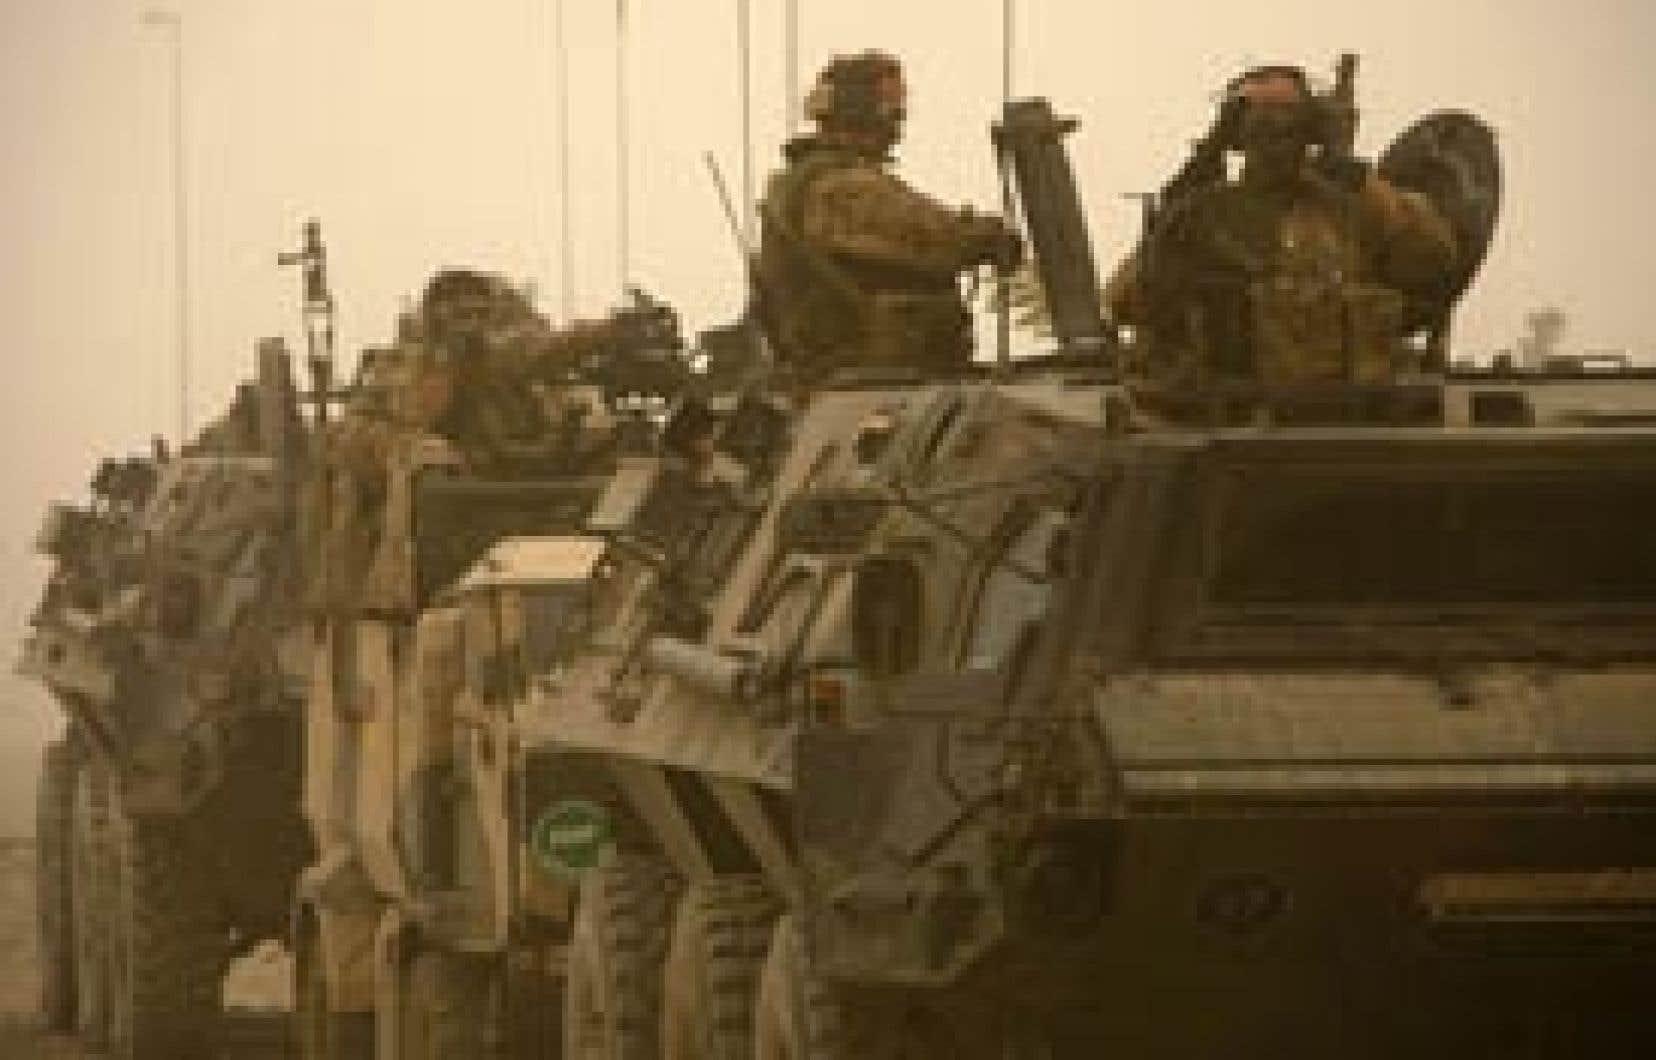 Le mollah Omar veut bouter dehors les troupes étrangères.